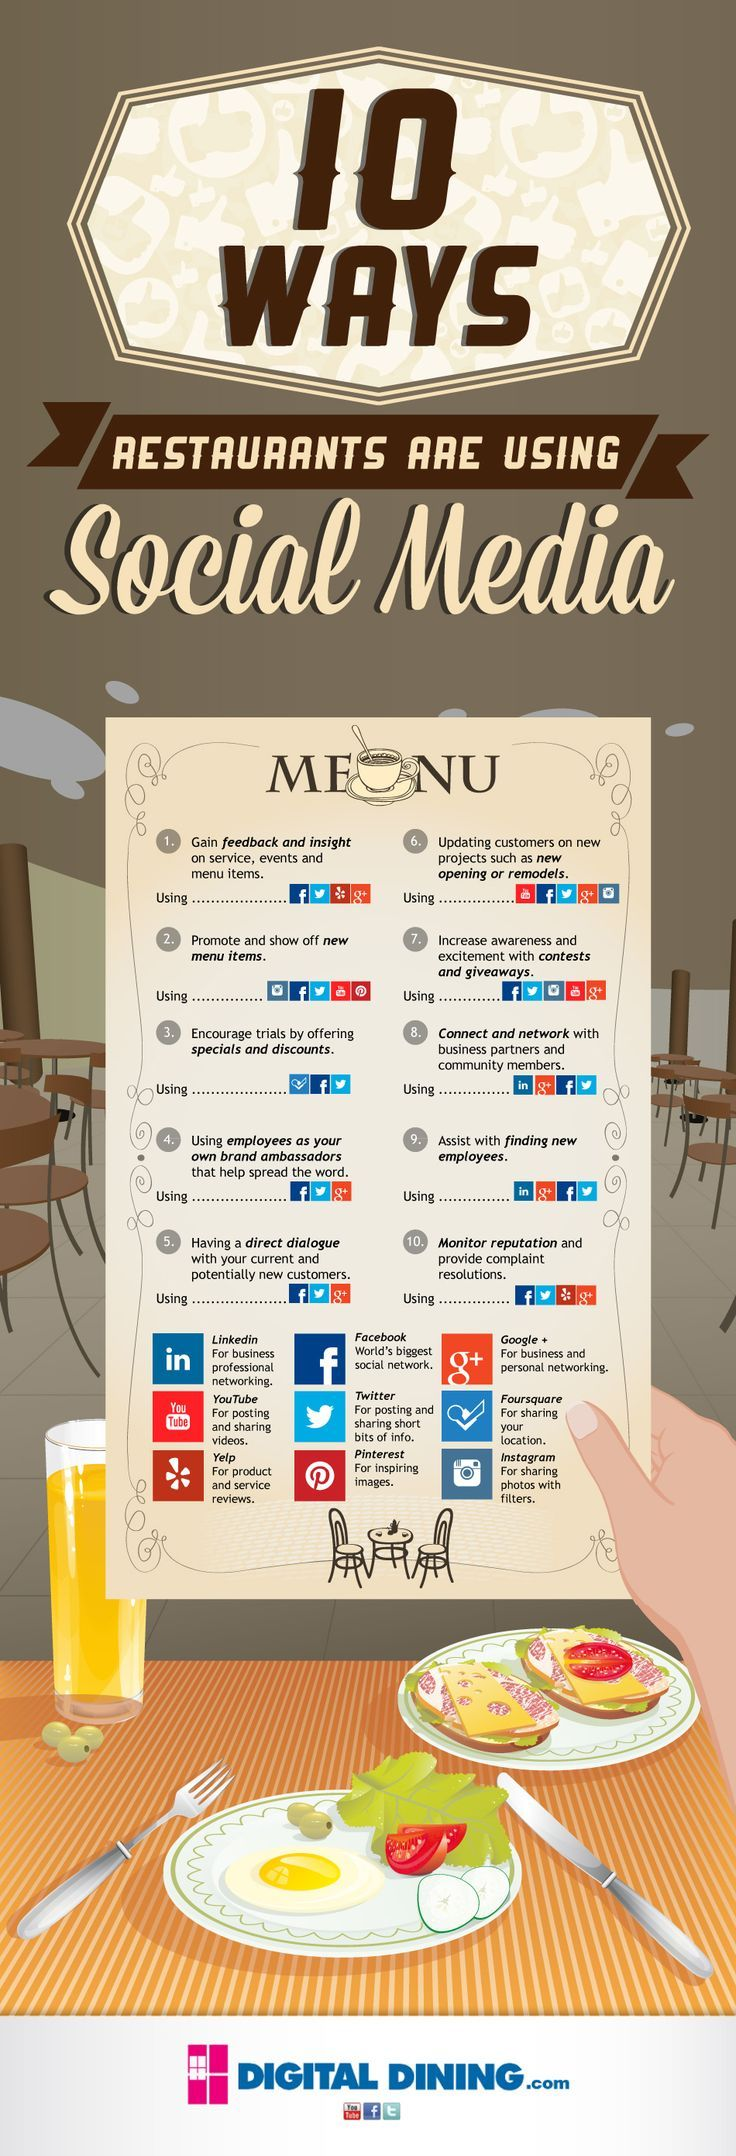 best restaurant images on pinterest info graphics social